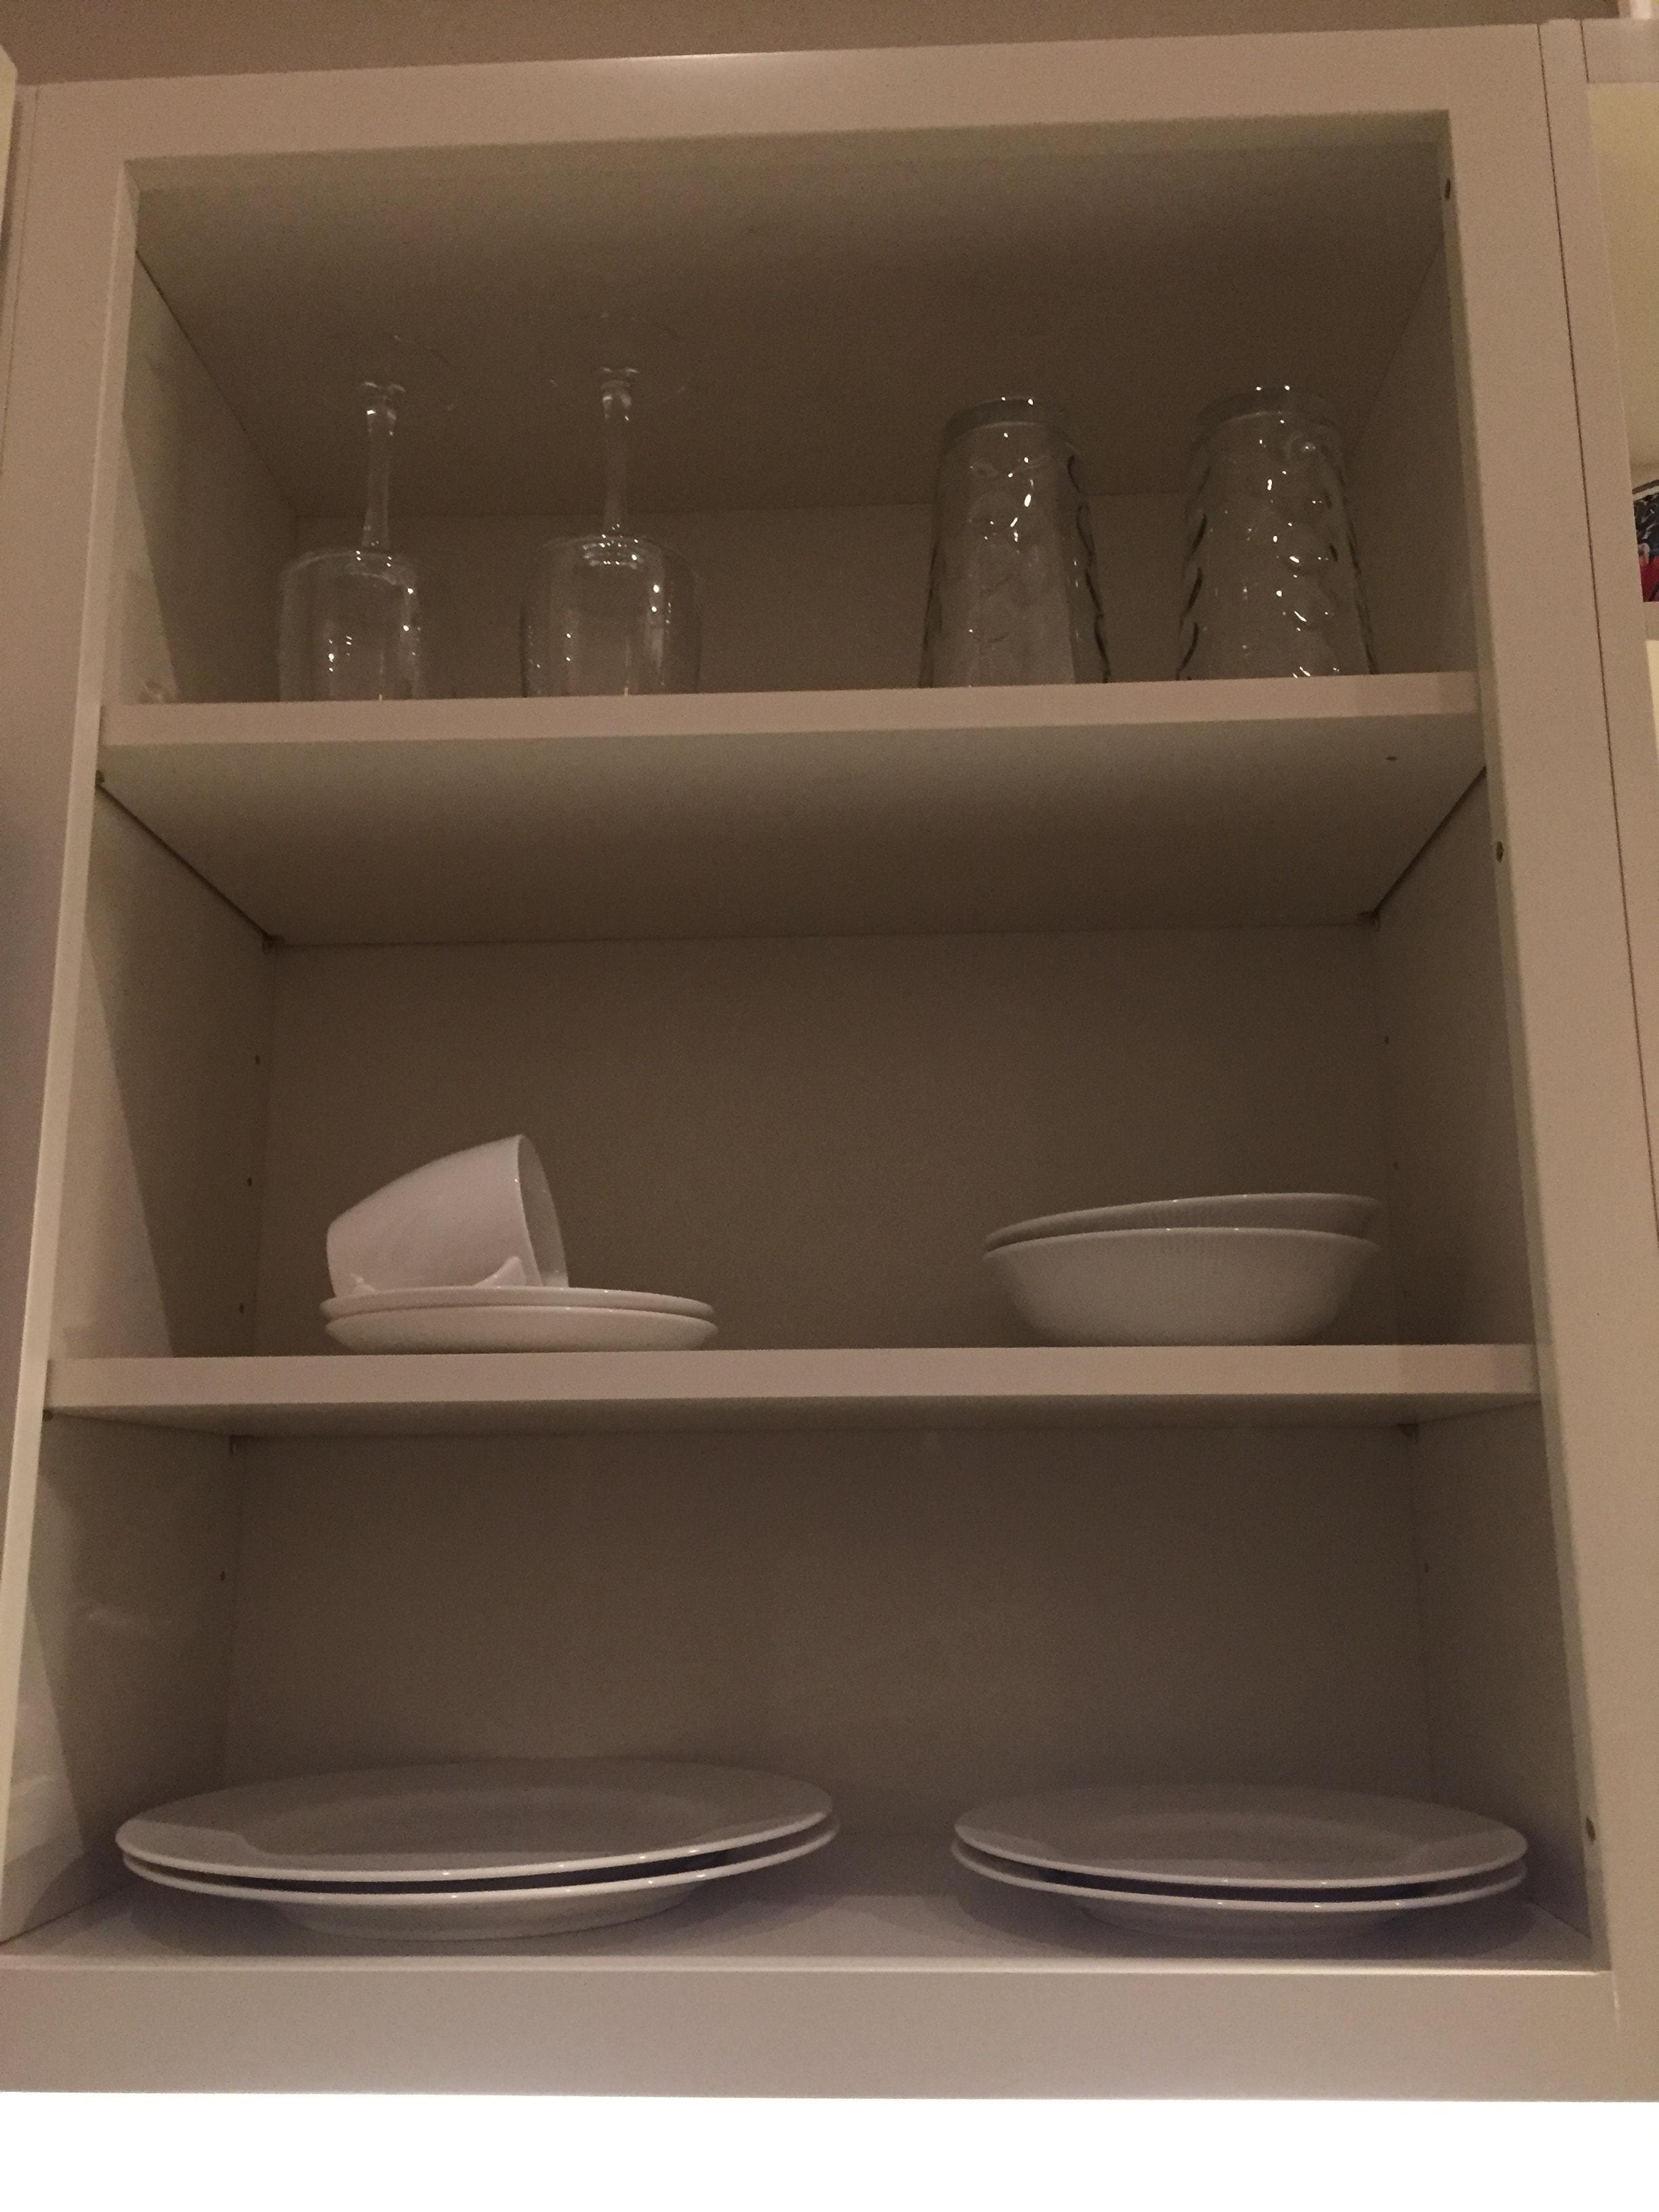 Tiny house living. Minimal dinnerware.